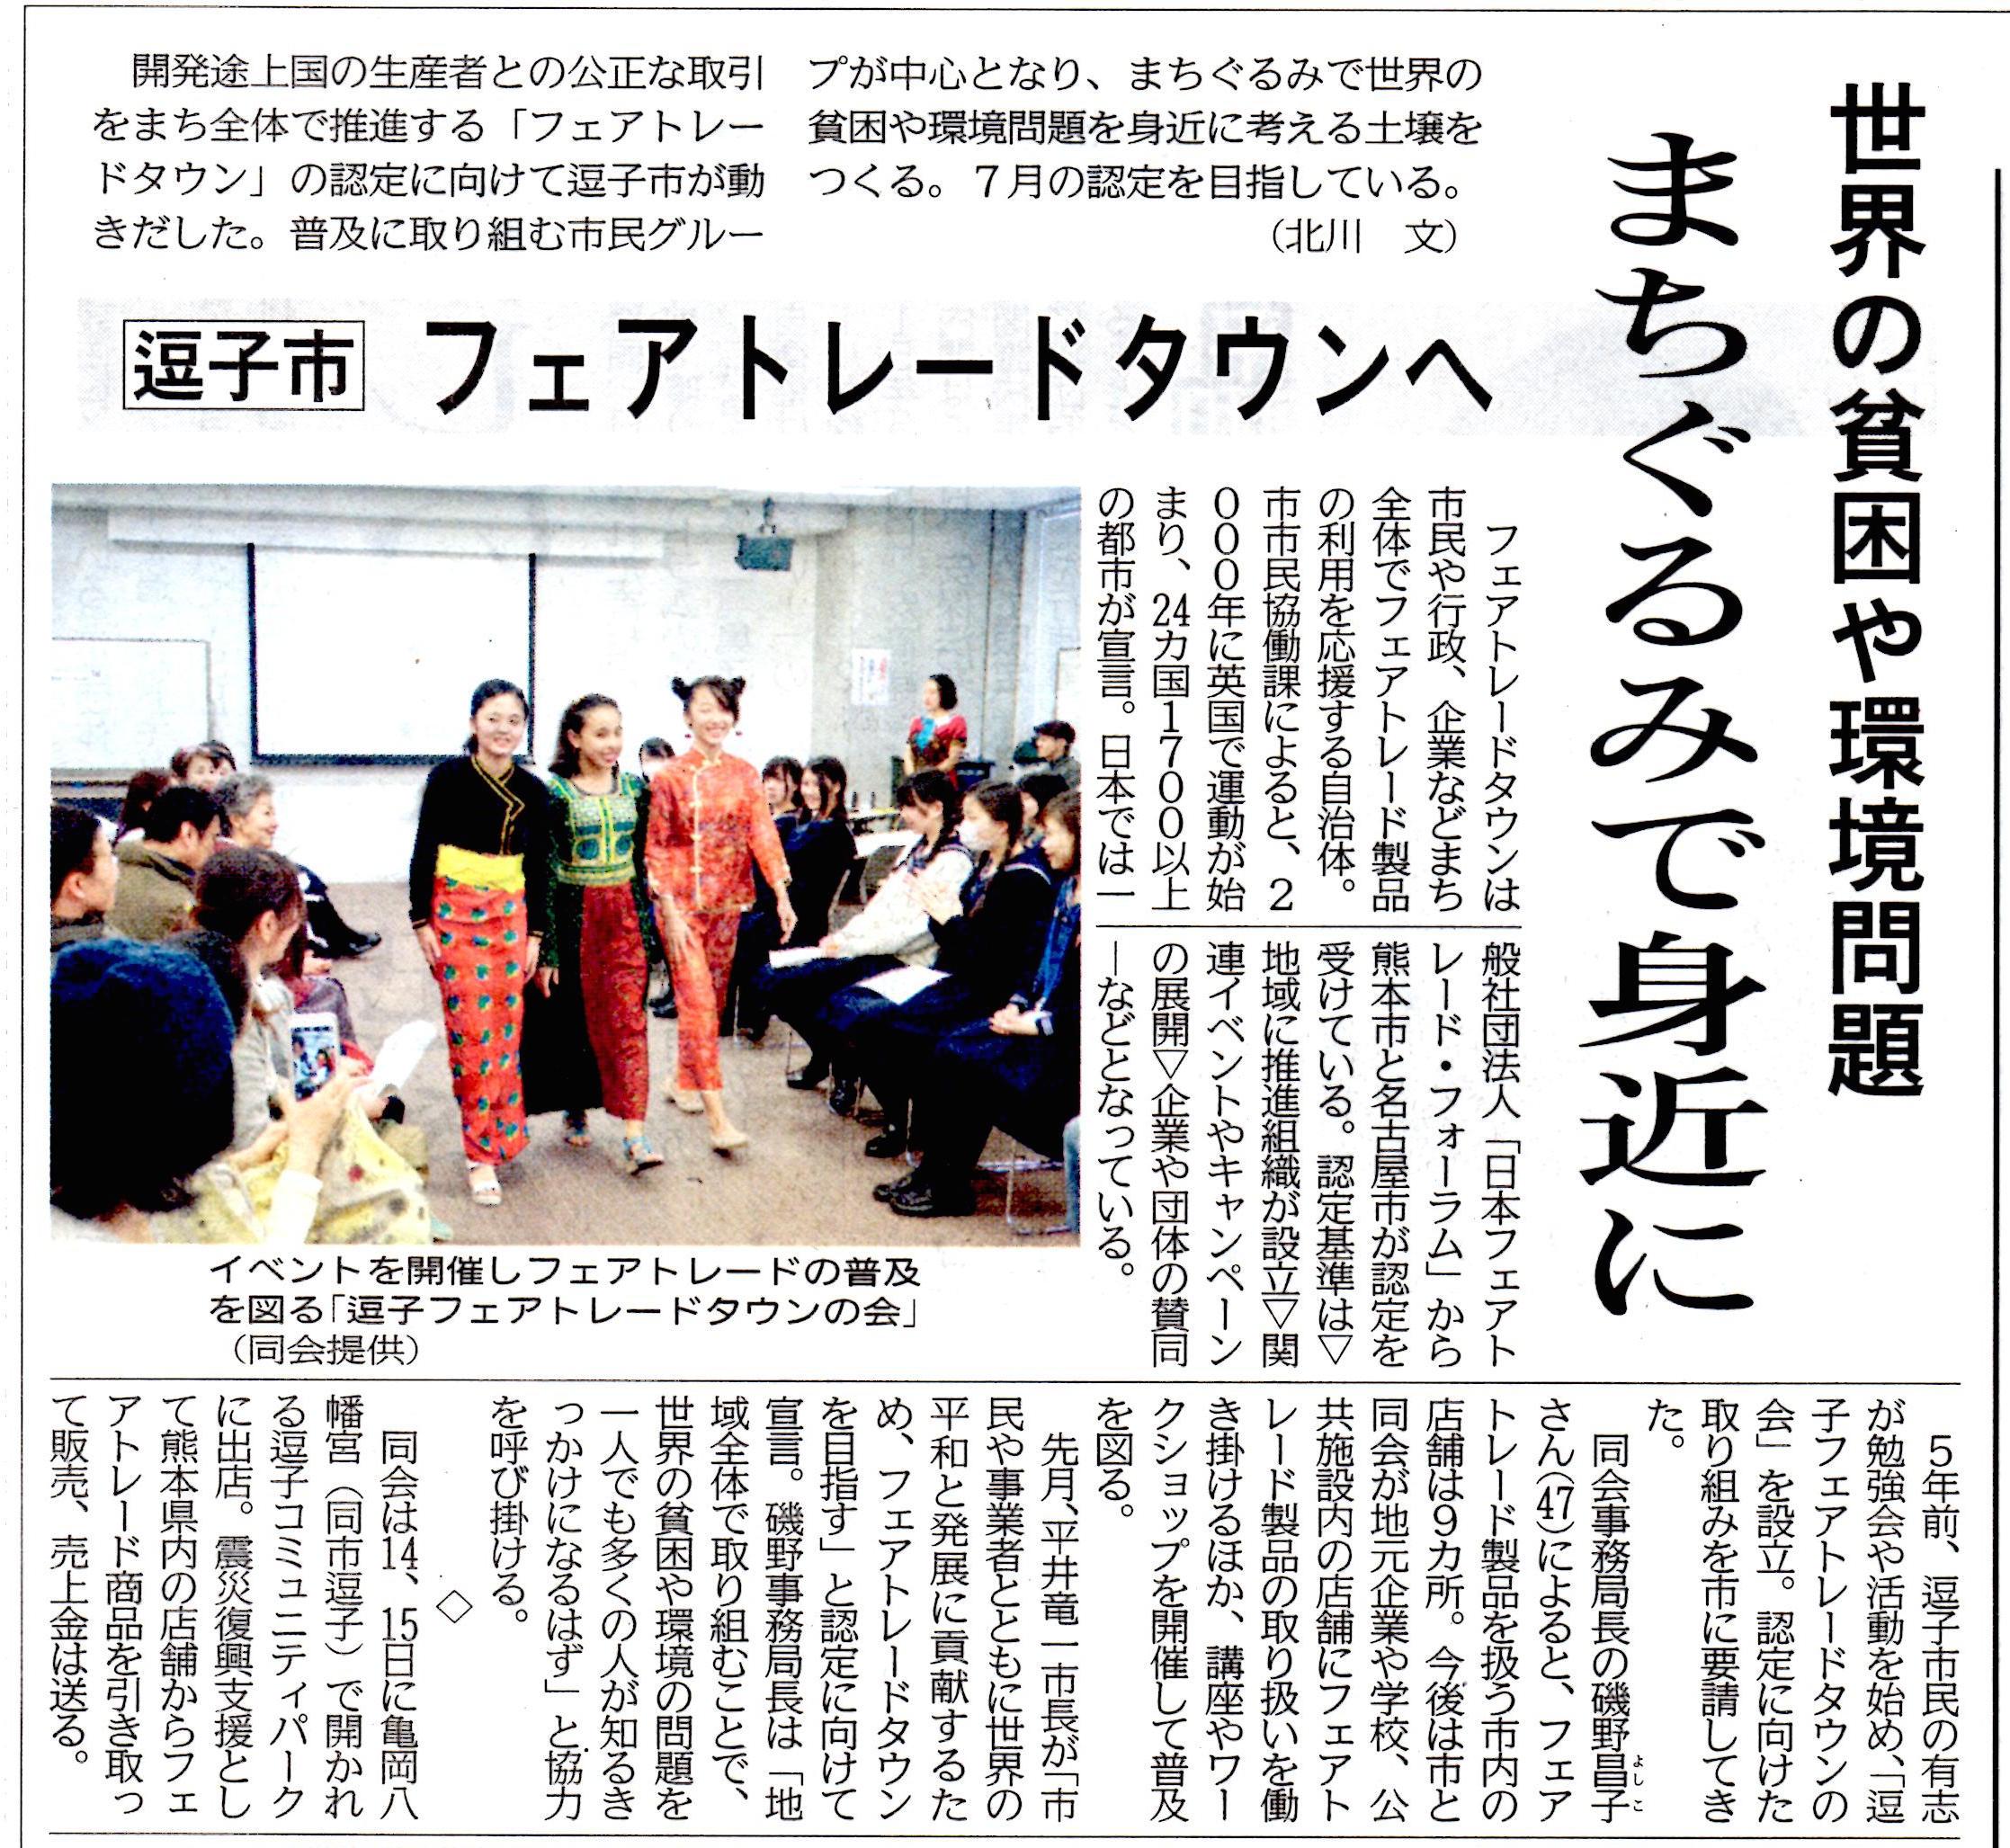 神奈川新聞に逗子フェアトレードタウンの記事掲載〜ZCPでフェアトレードファッションショー